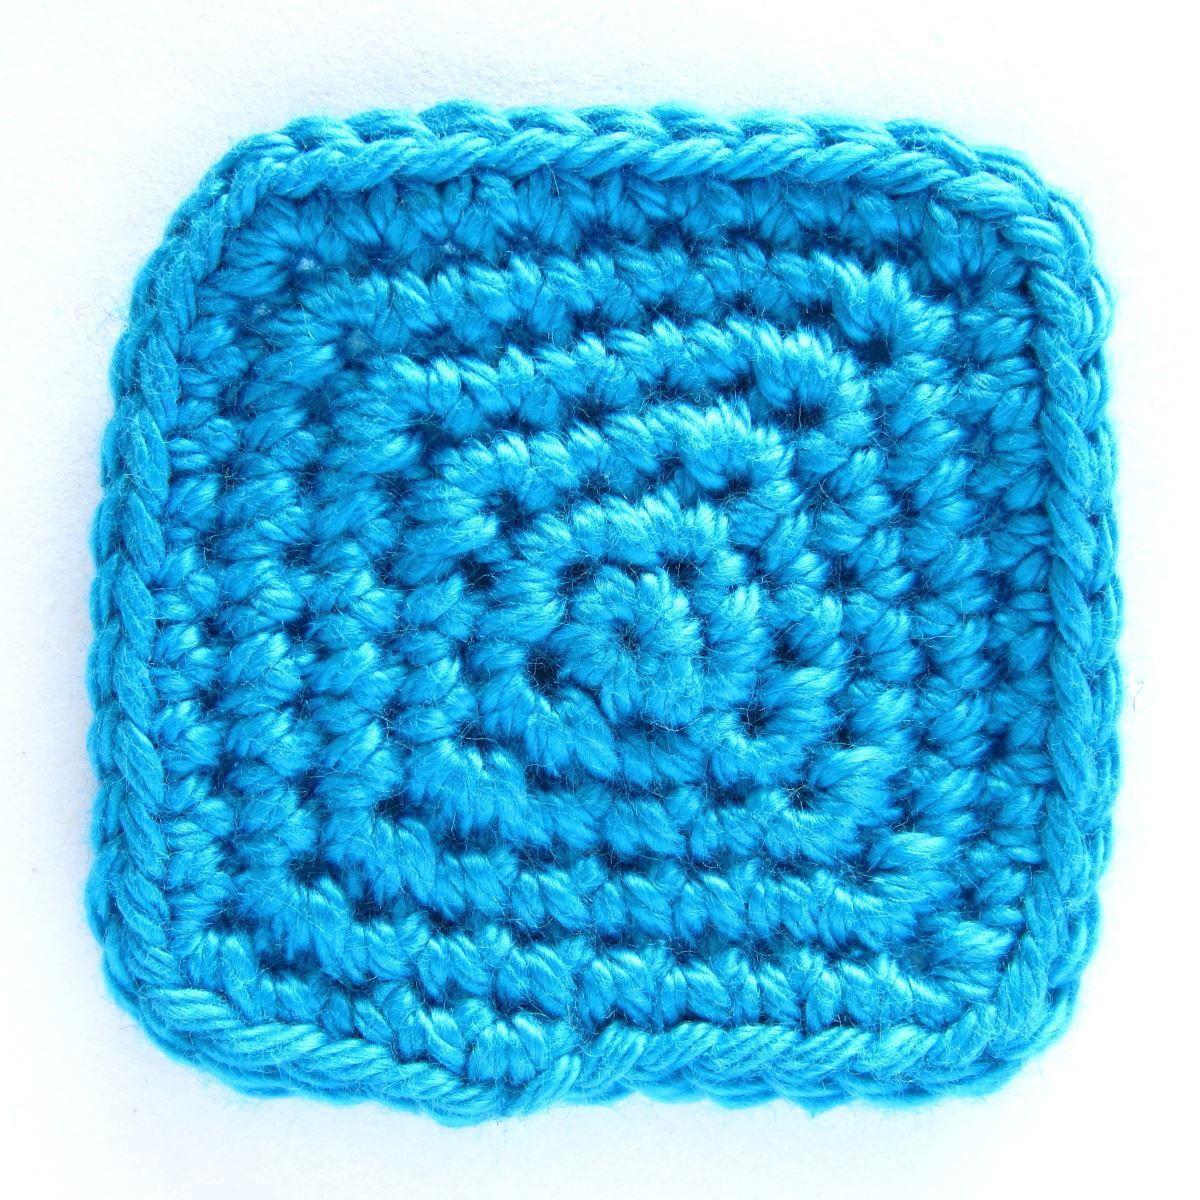 Quadrat Häkeln In Spiralrunden Beitragsbild Häkeln Stricken